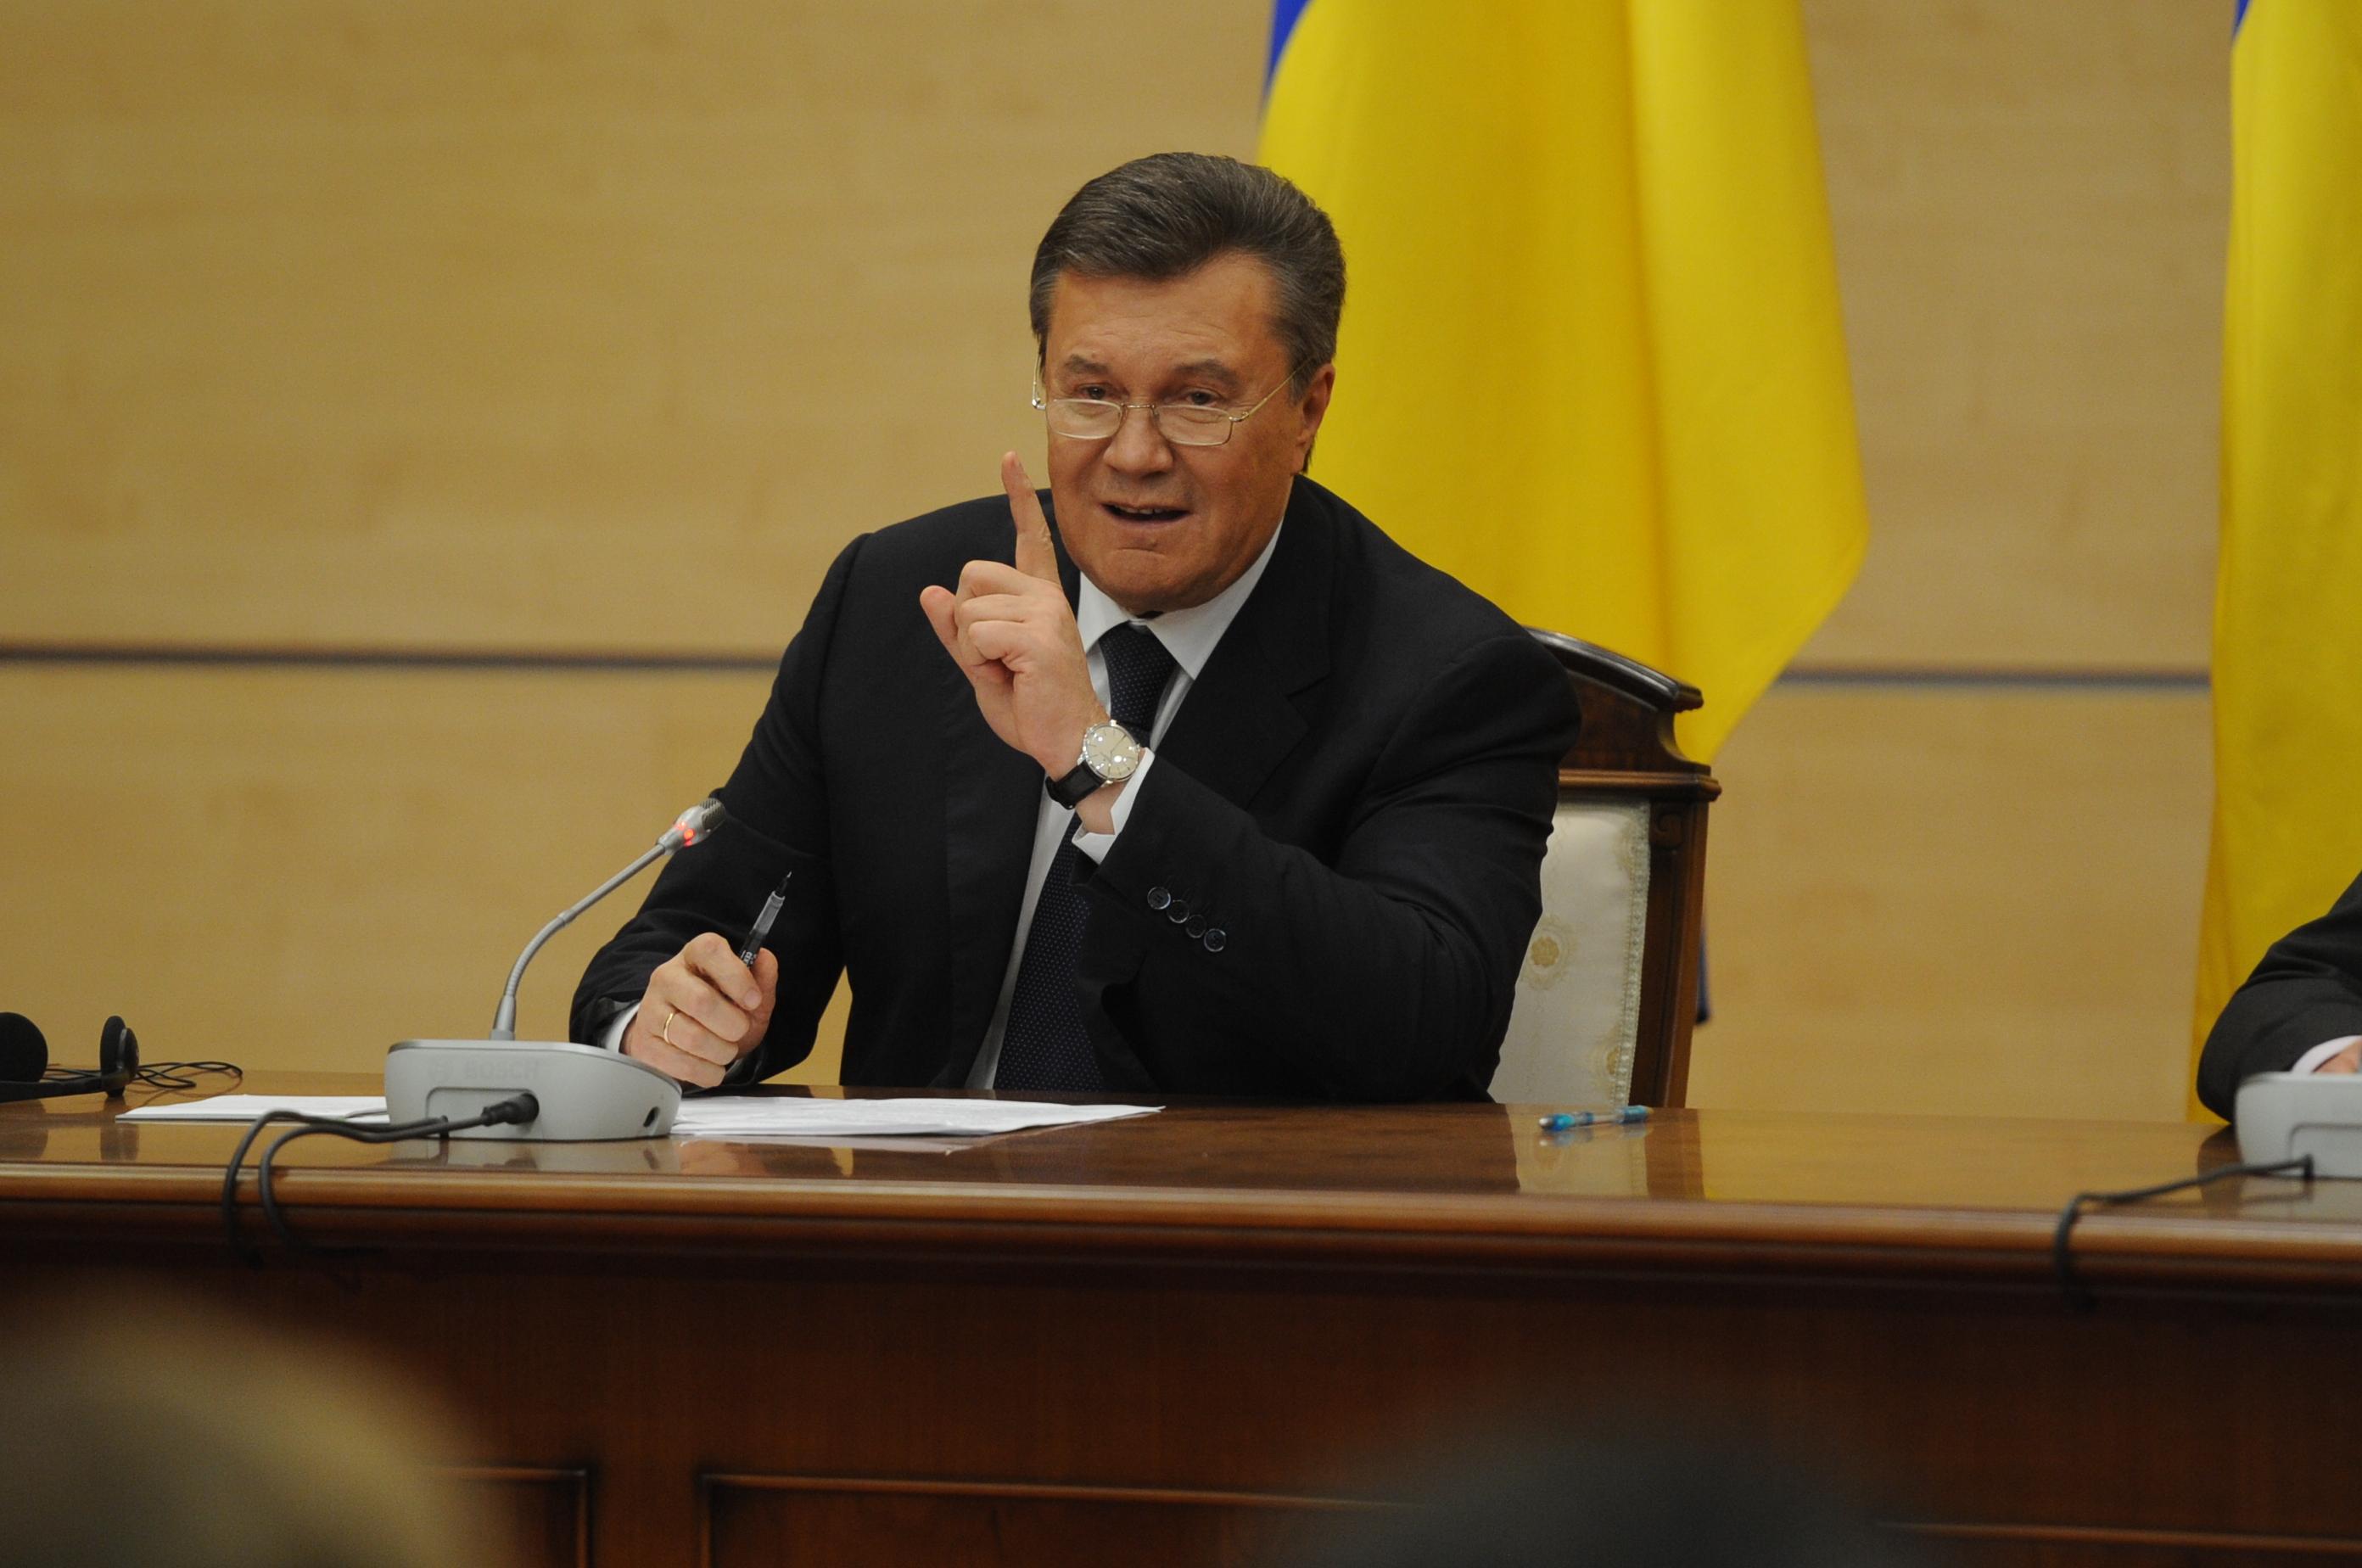 Жители Волгограда остались недовольны визитом Януковича (фото видео)